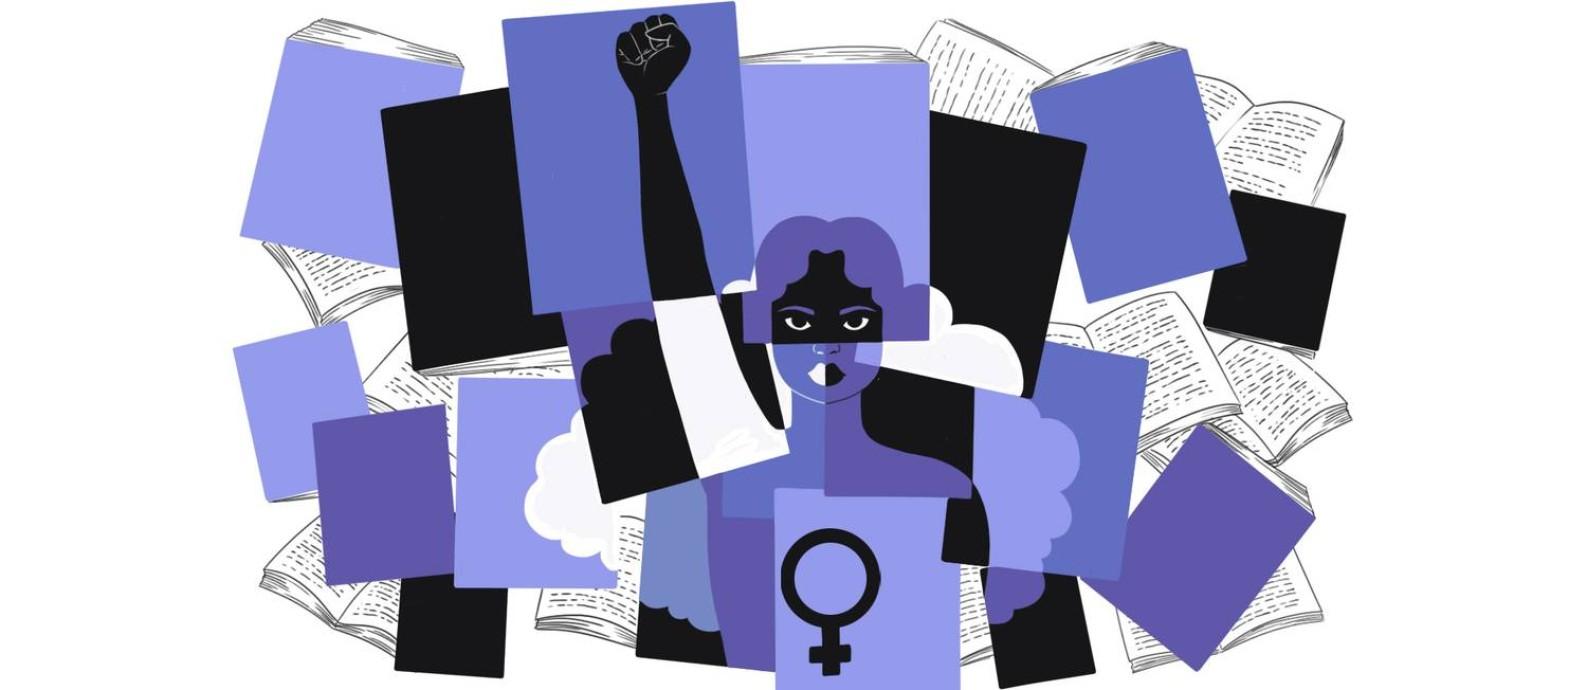 Livros de autoras negras Foto: Arte de Nina Millen